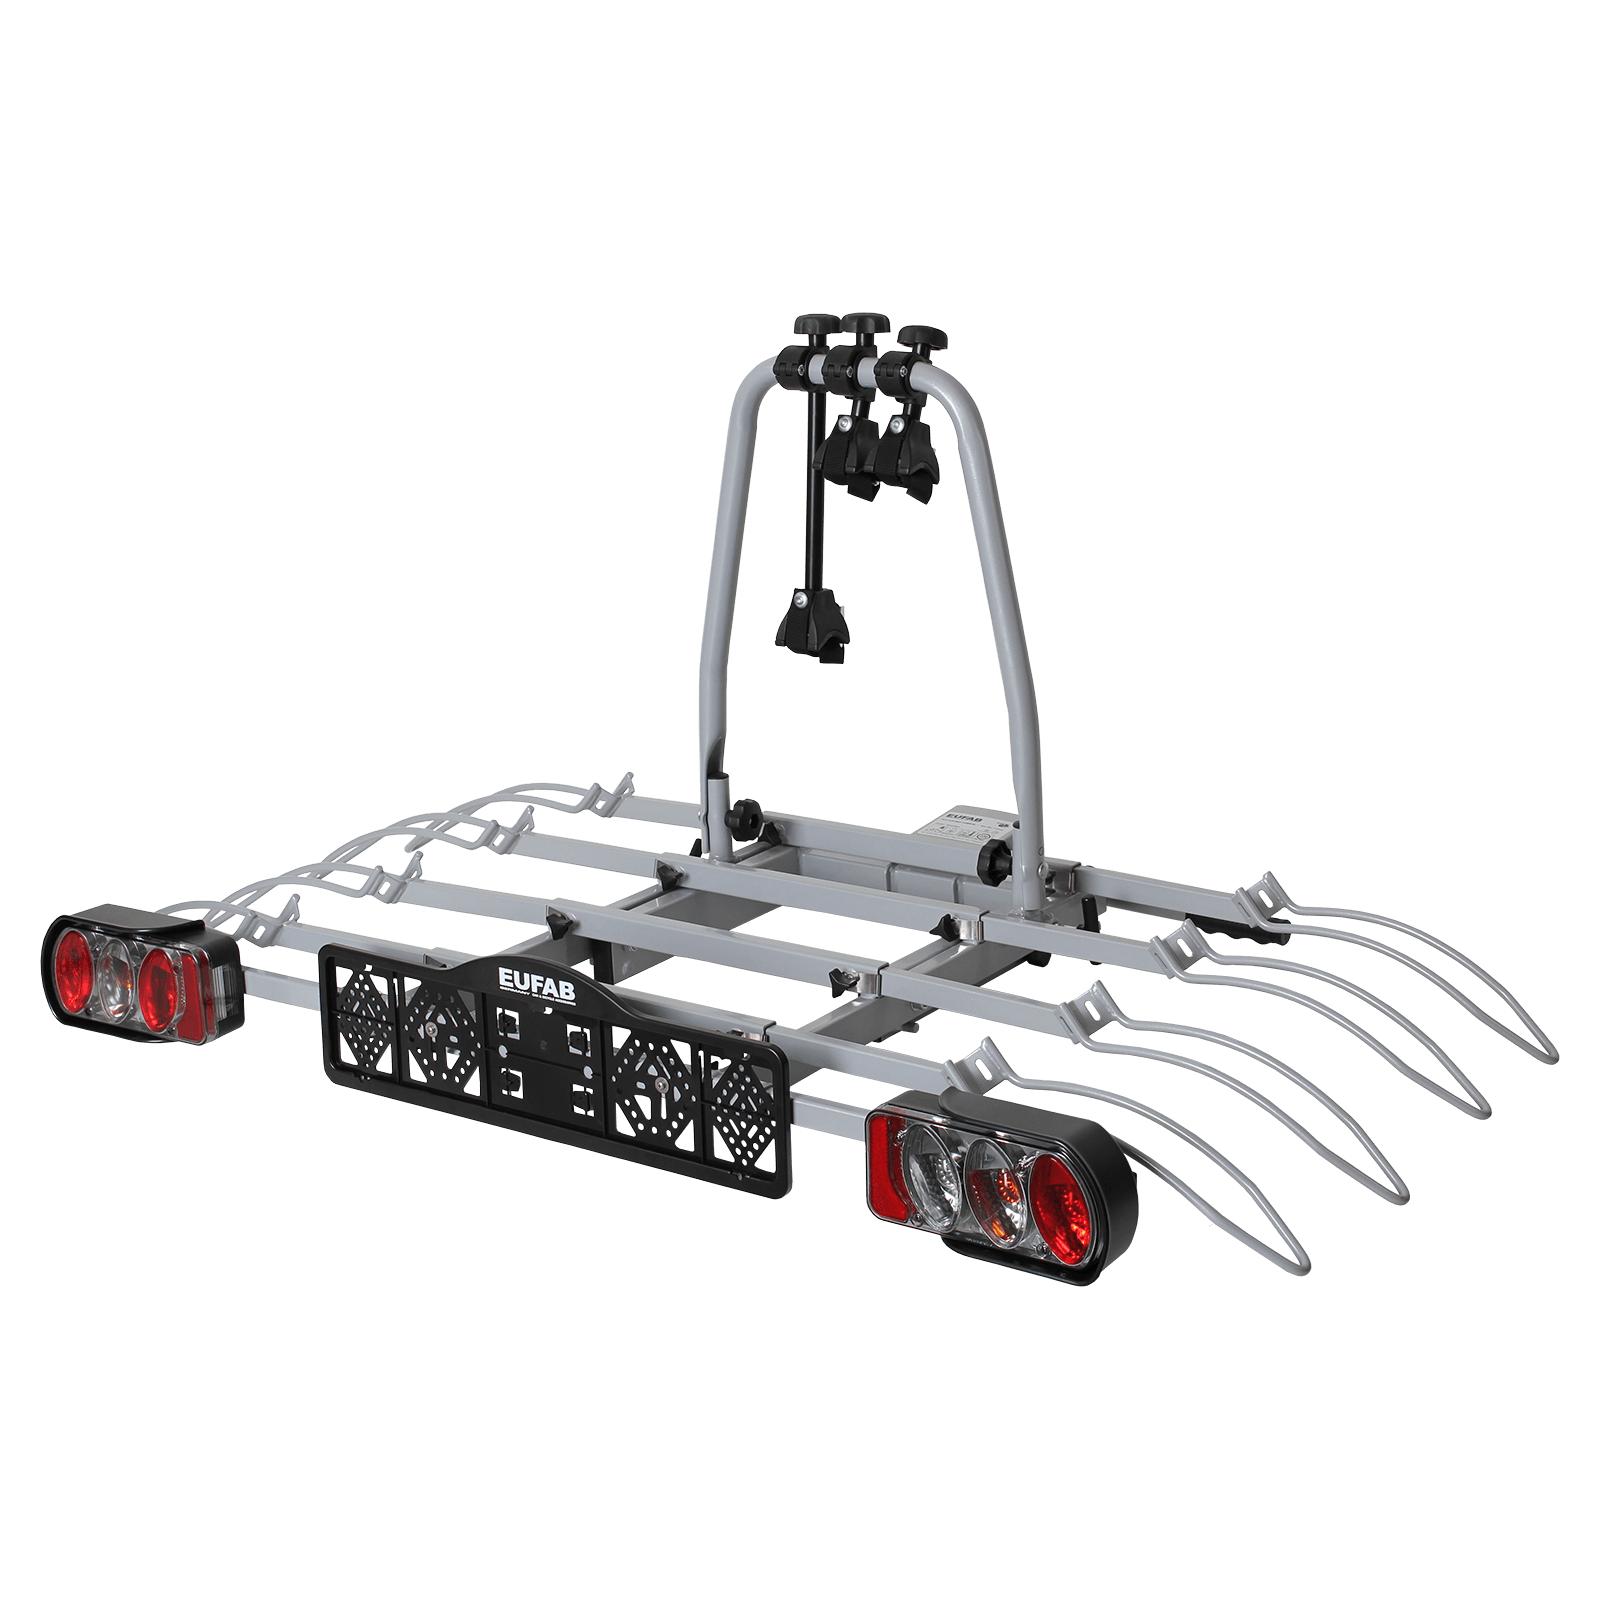 [Membres CDAV] Porte-vélos plateforme sur attelage pour 4 vélos Eufab Luke 4 (70kg de charge max, montage sans outils)